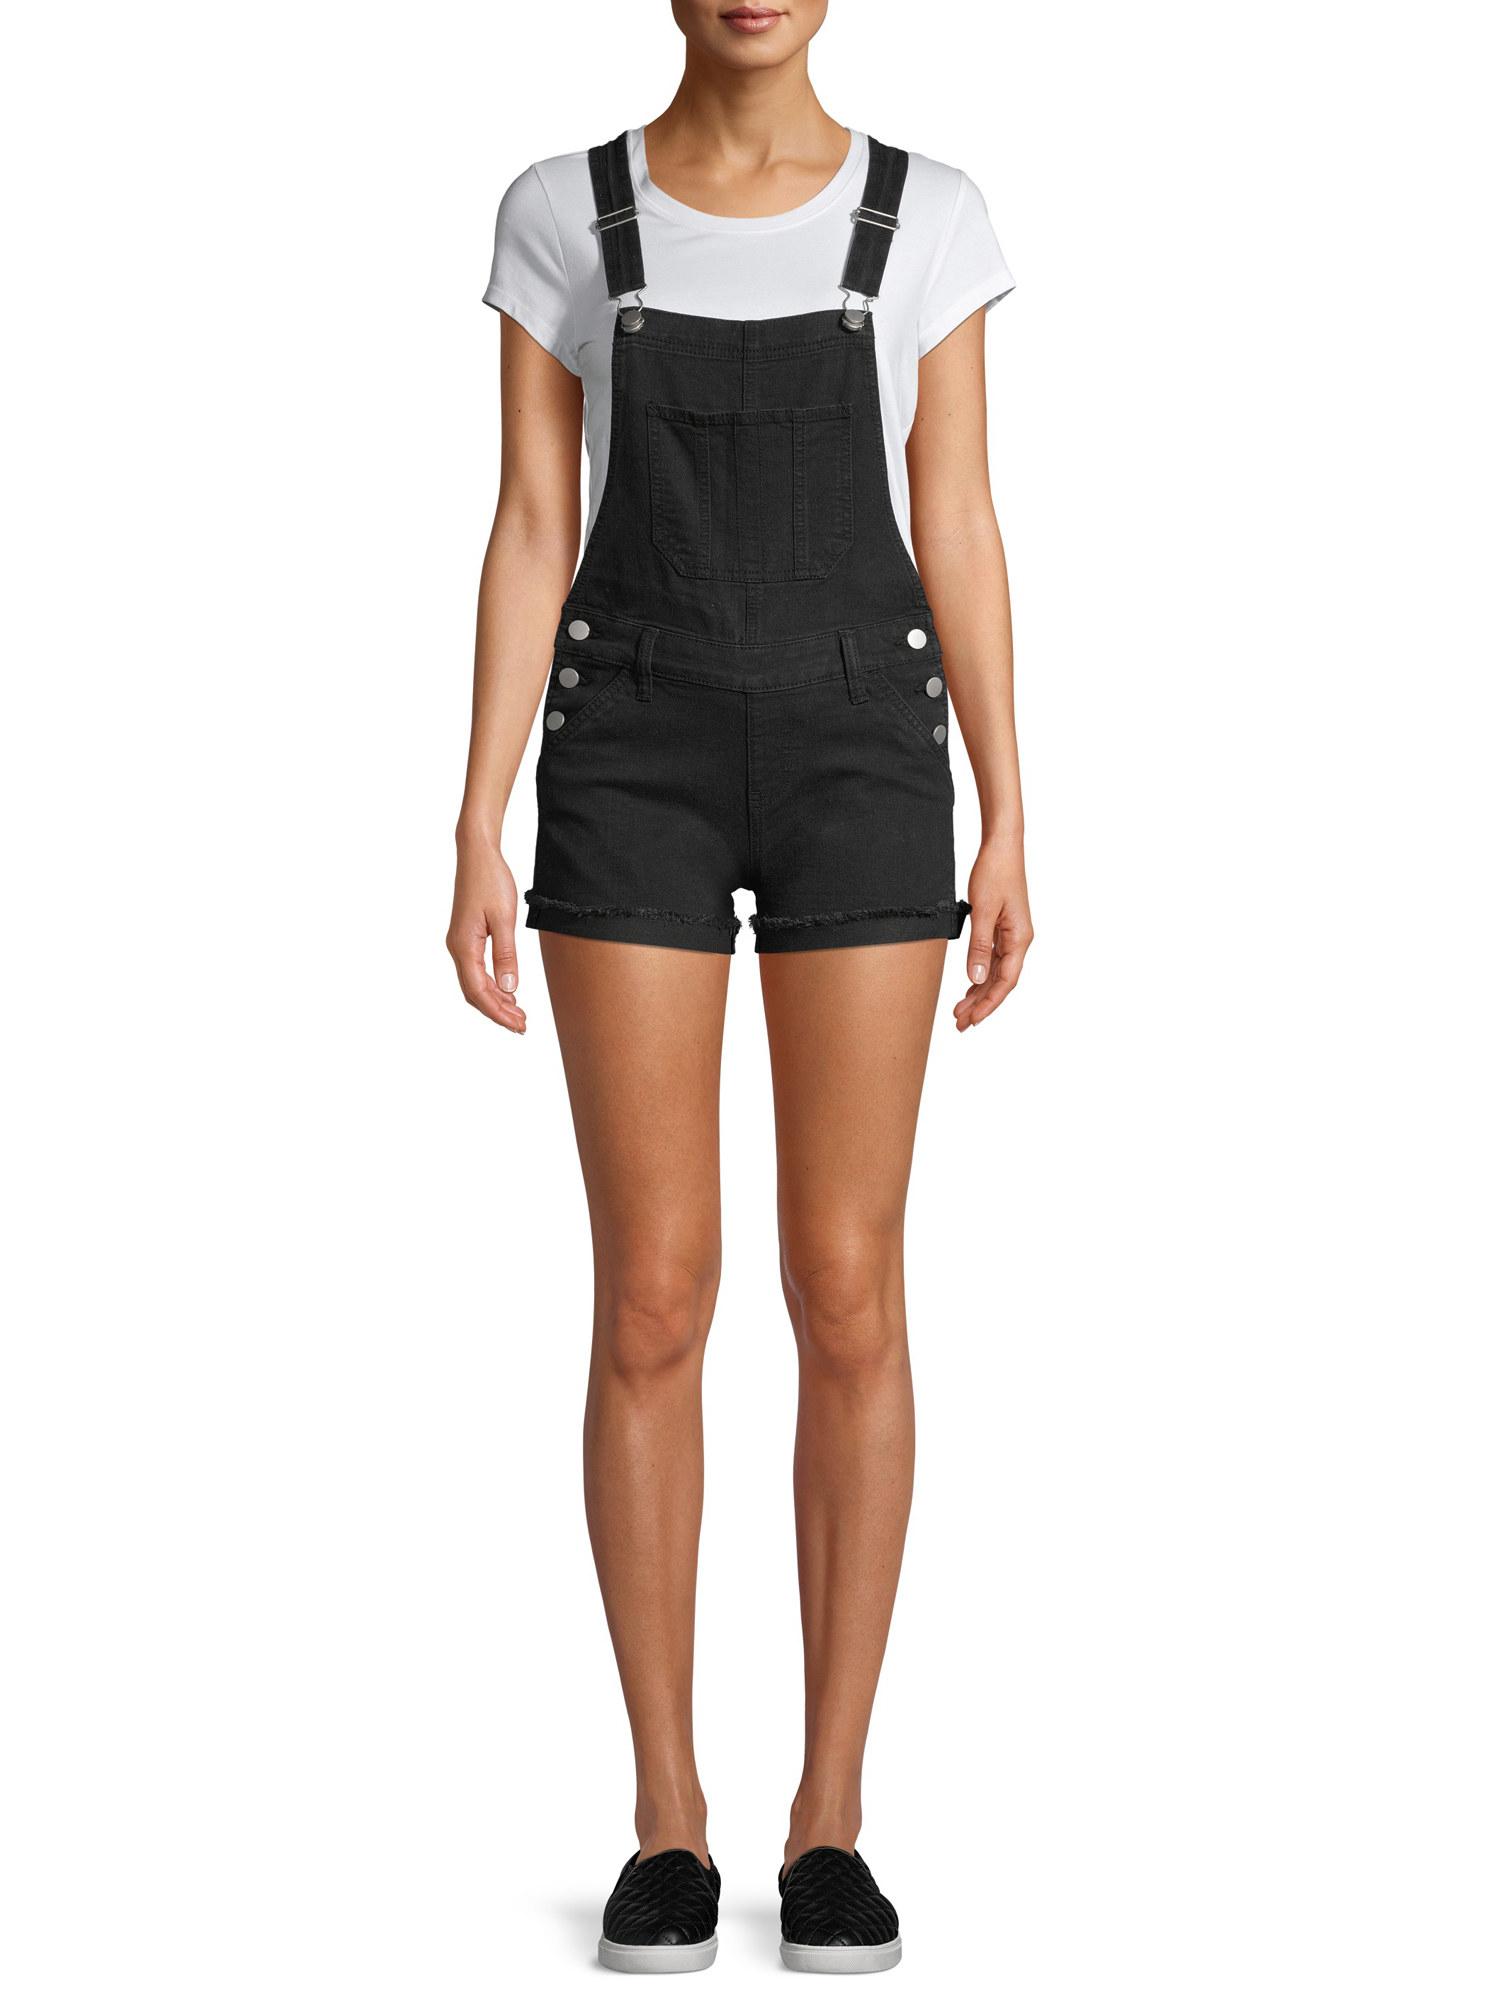 Model wears short overalls in black